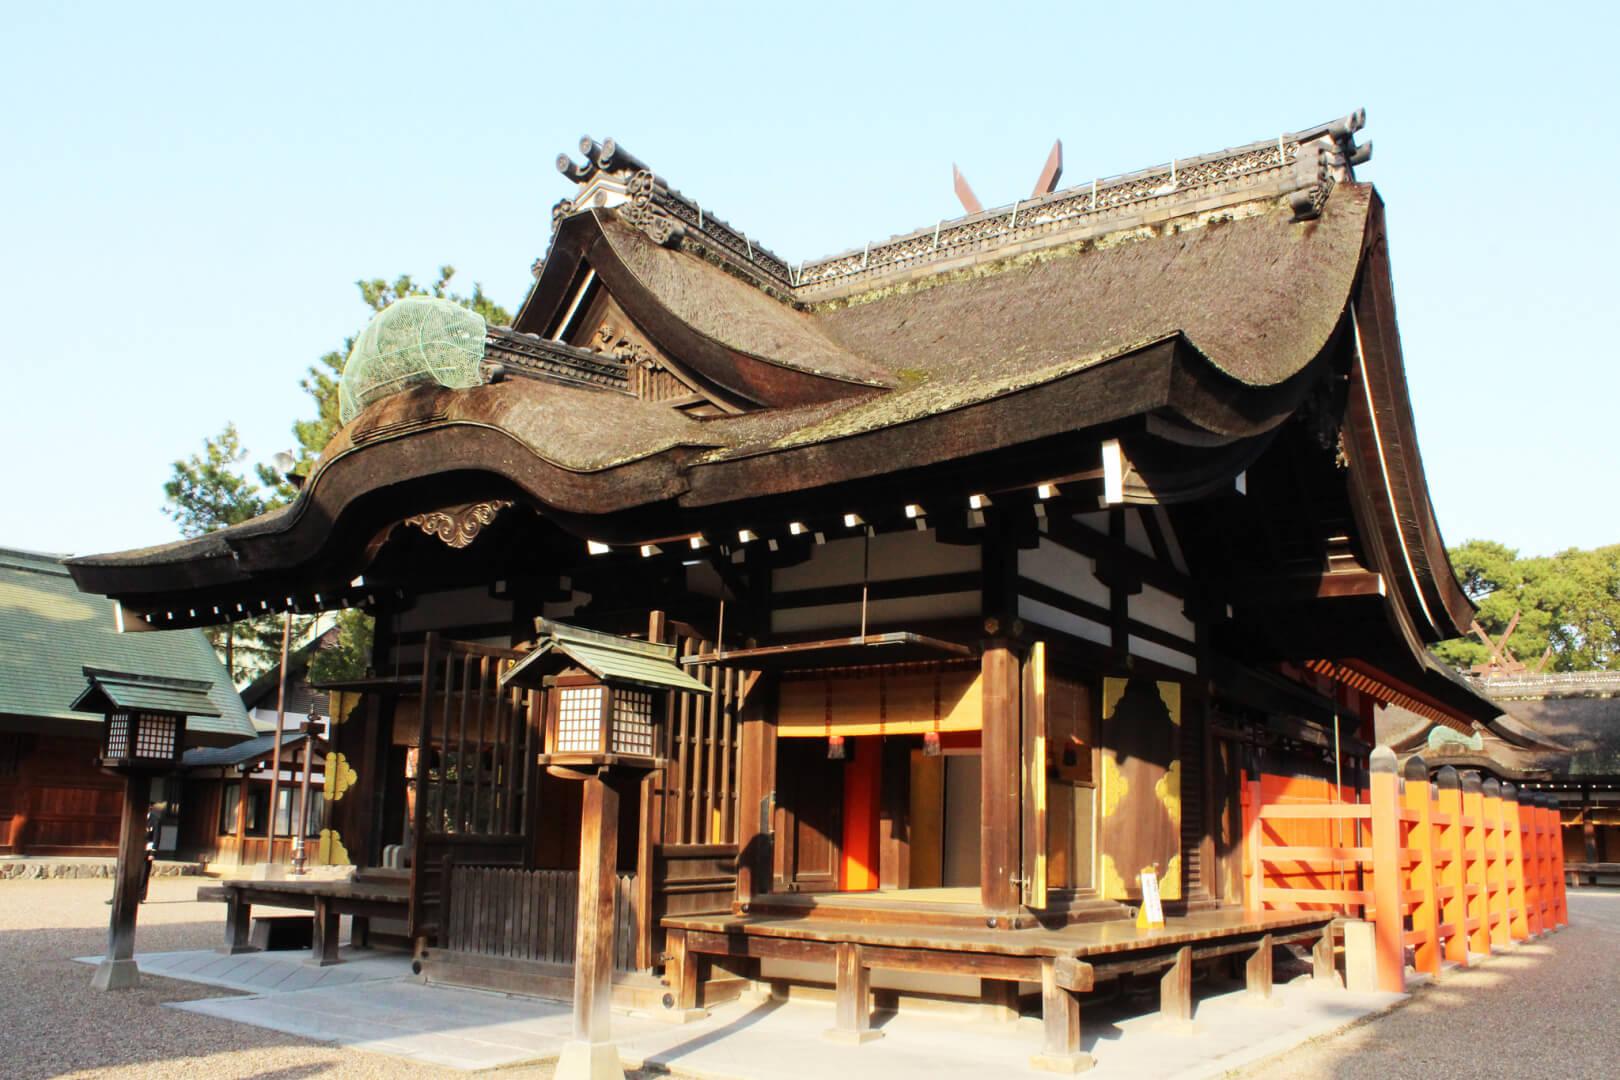 Templo de Sumiyoshi Taisha. Foto: @James Gochenouer